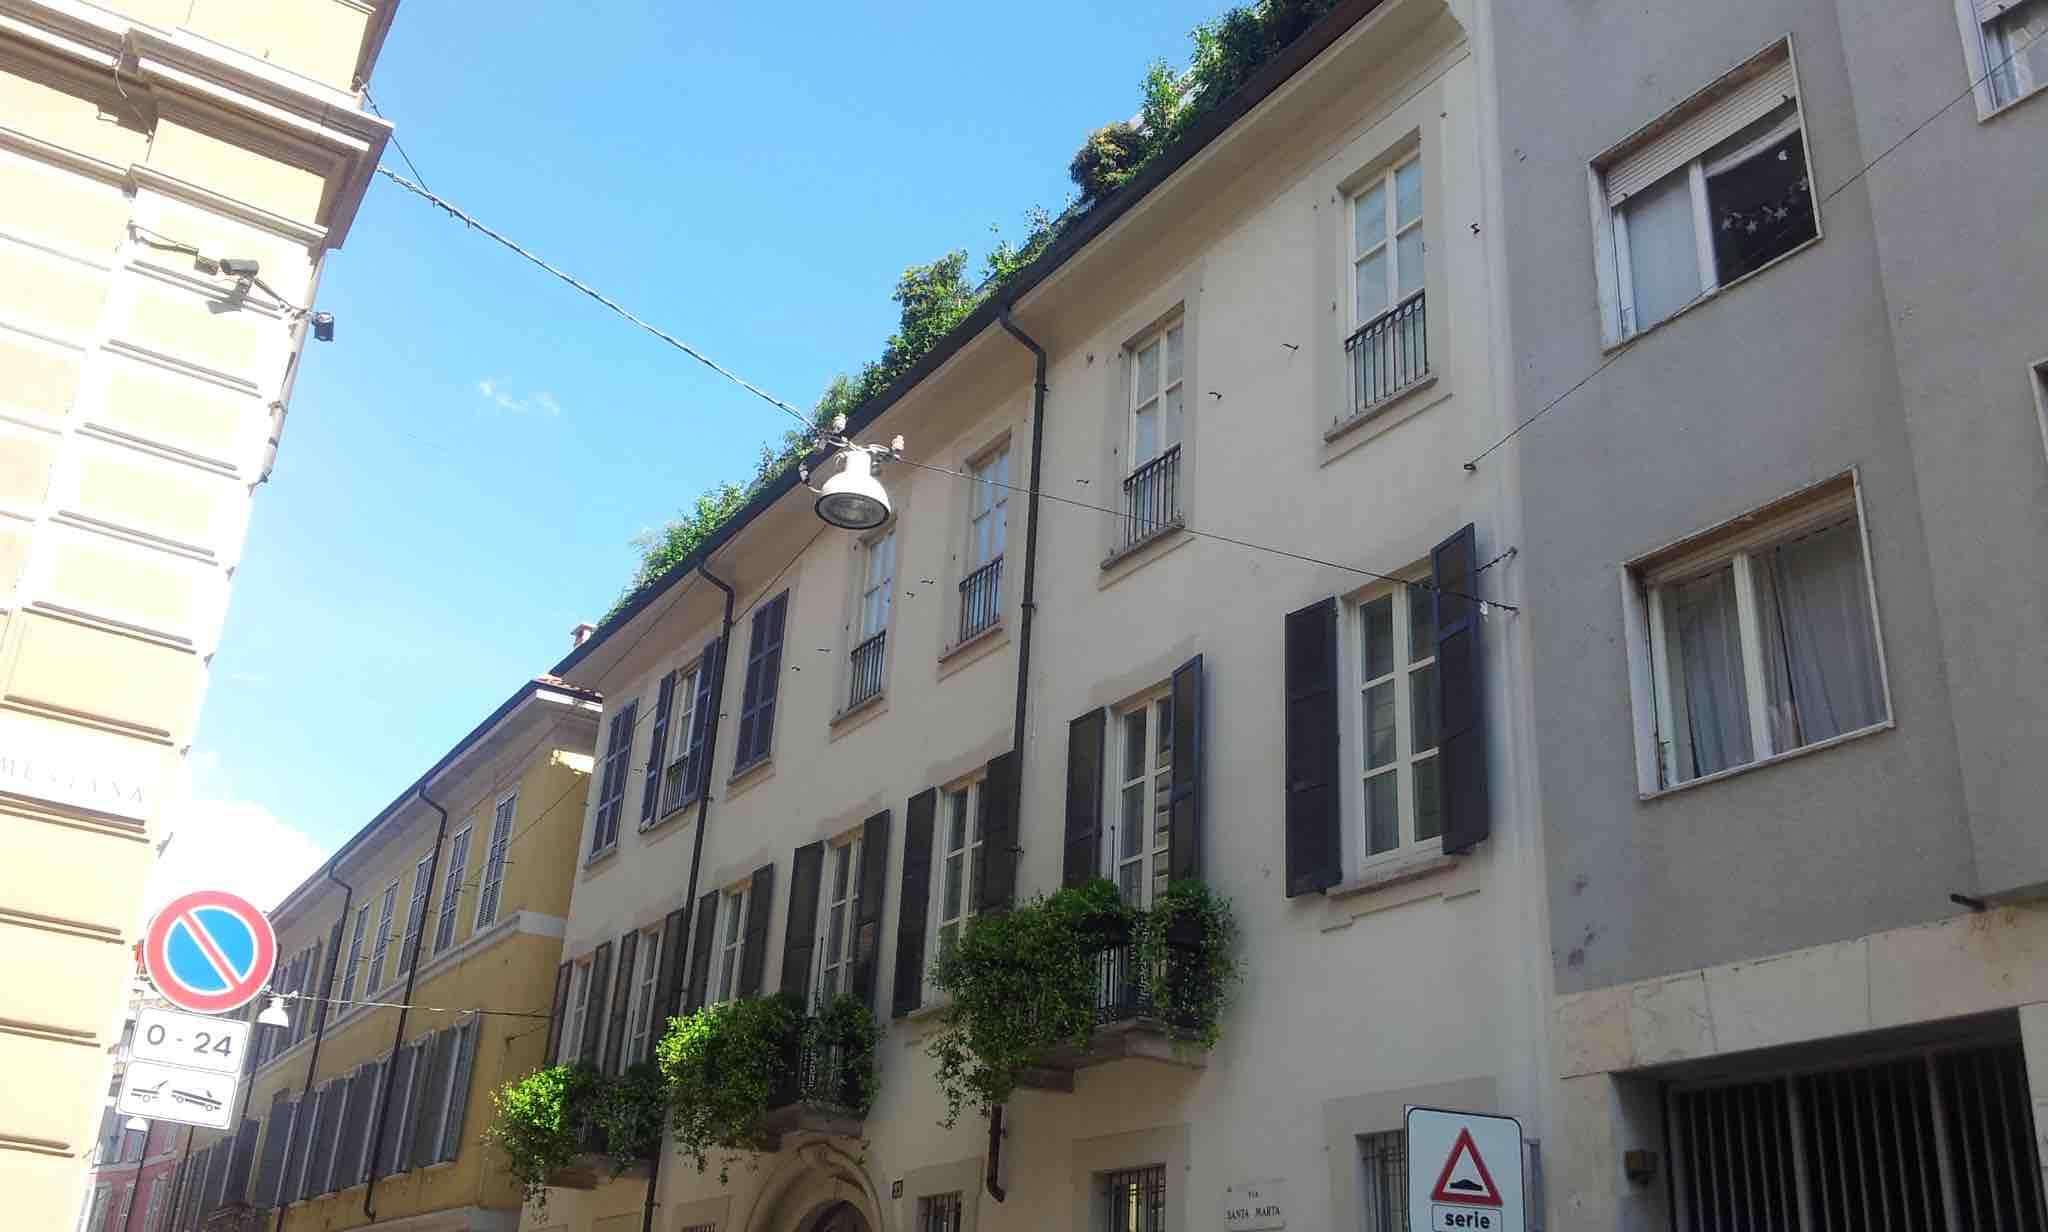 Appartamento in affitto a Milano, 6 locali, zona Zona: 1 . Centro Storico, Duomo, Brera, Cadorna, Cattolica, prezzo € 3.330 | CambioCasa.it